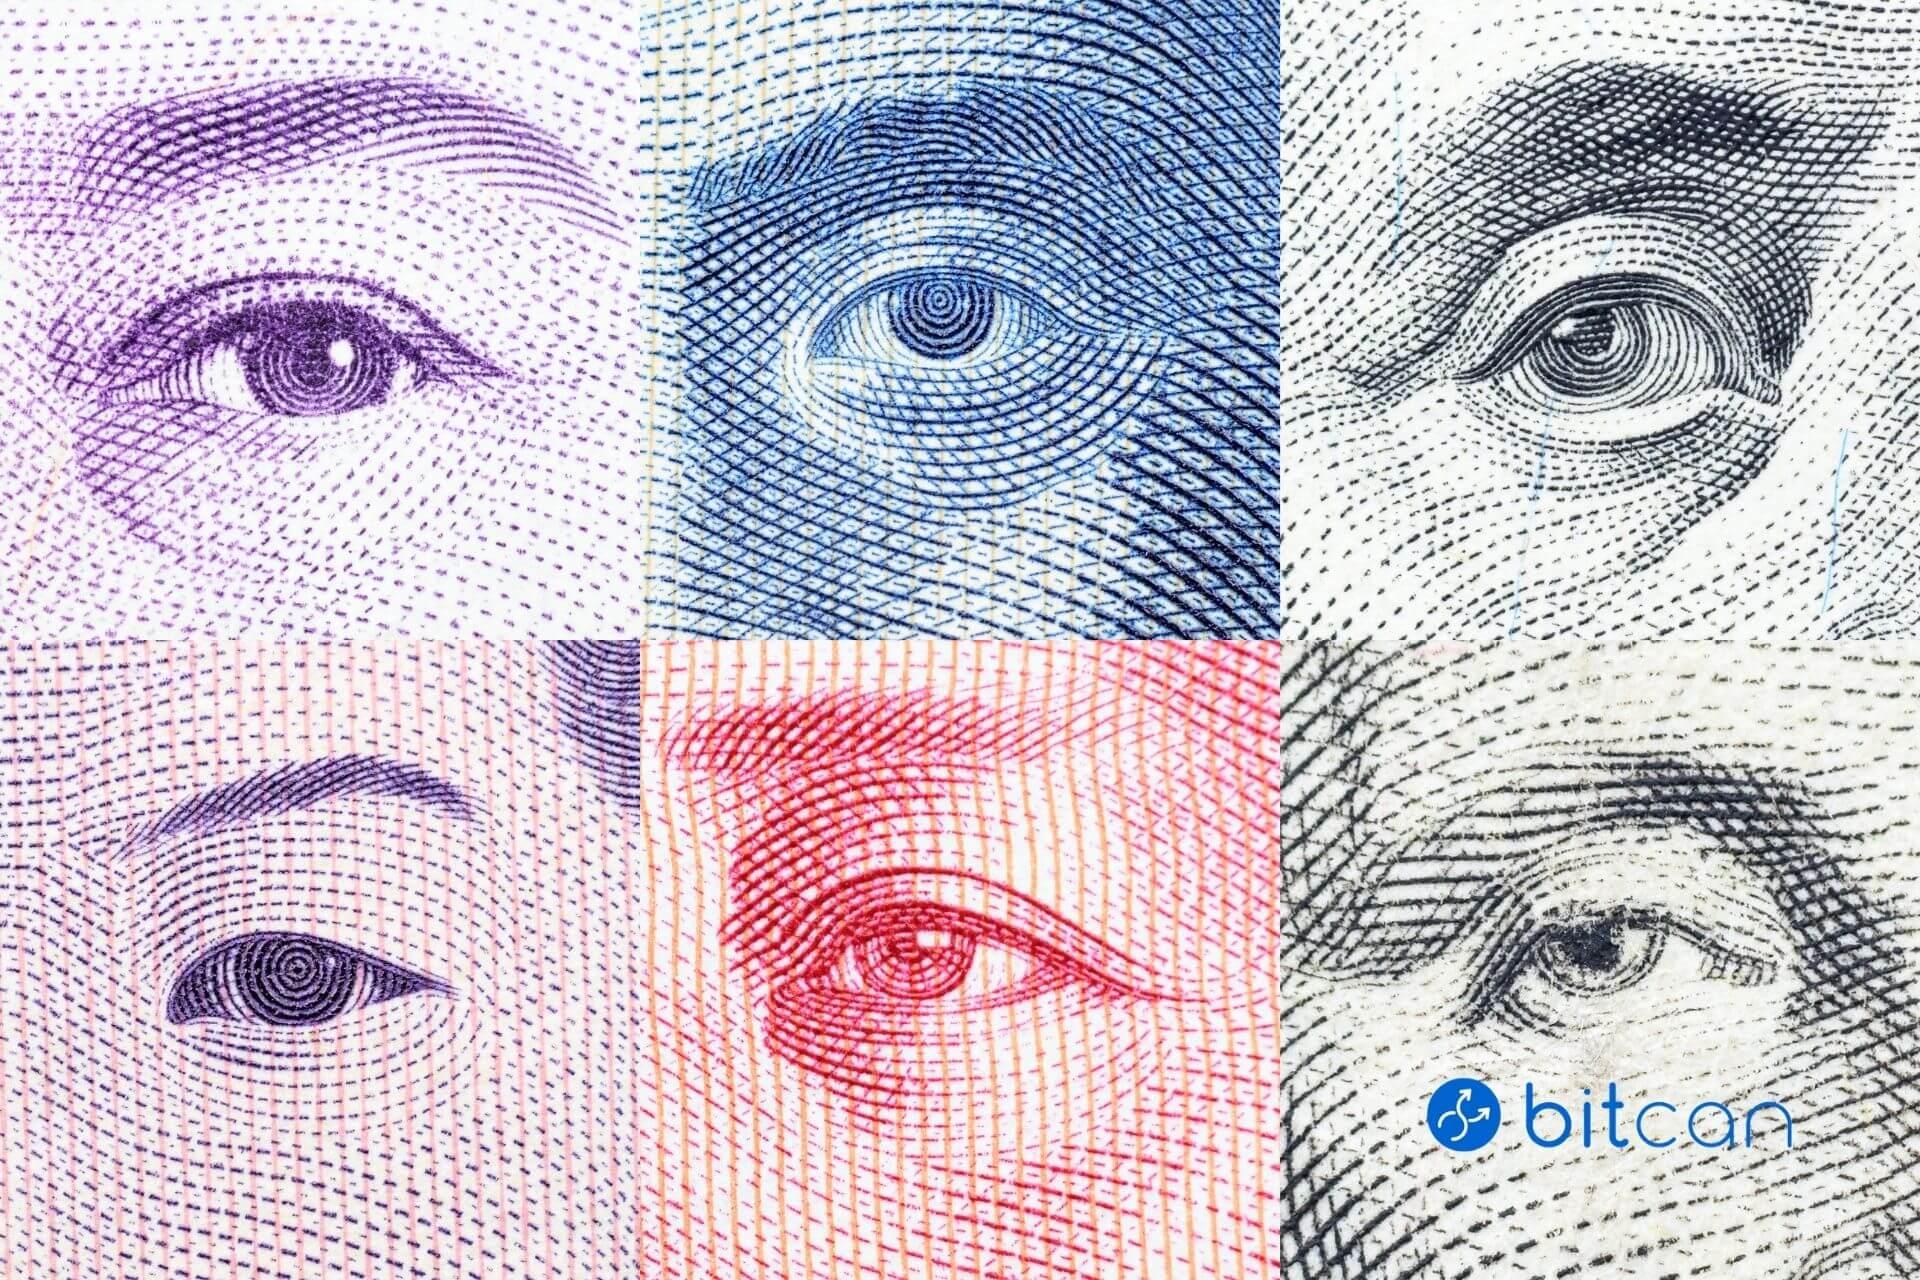 Czy kryptowaluty mogą zniszczyć światową gospodarkę?